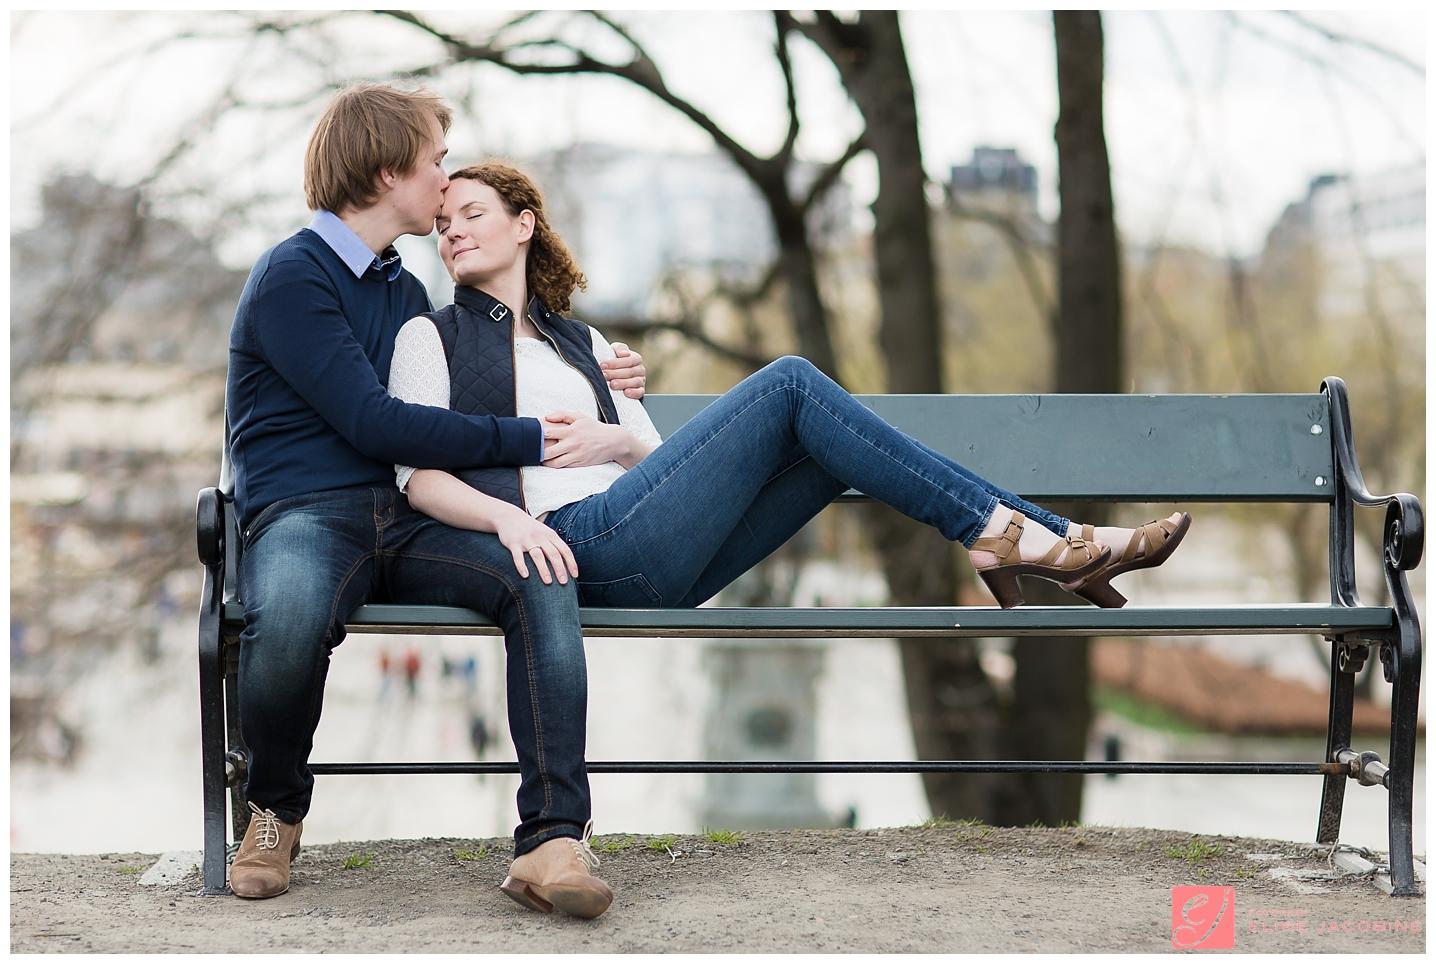 Kjærestebilder i urbane omgivelser